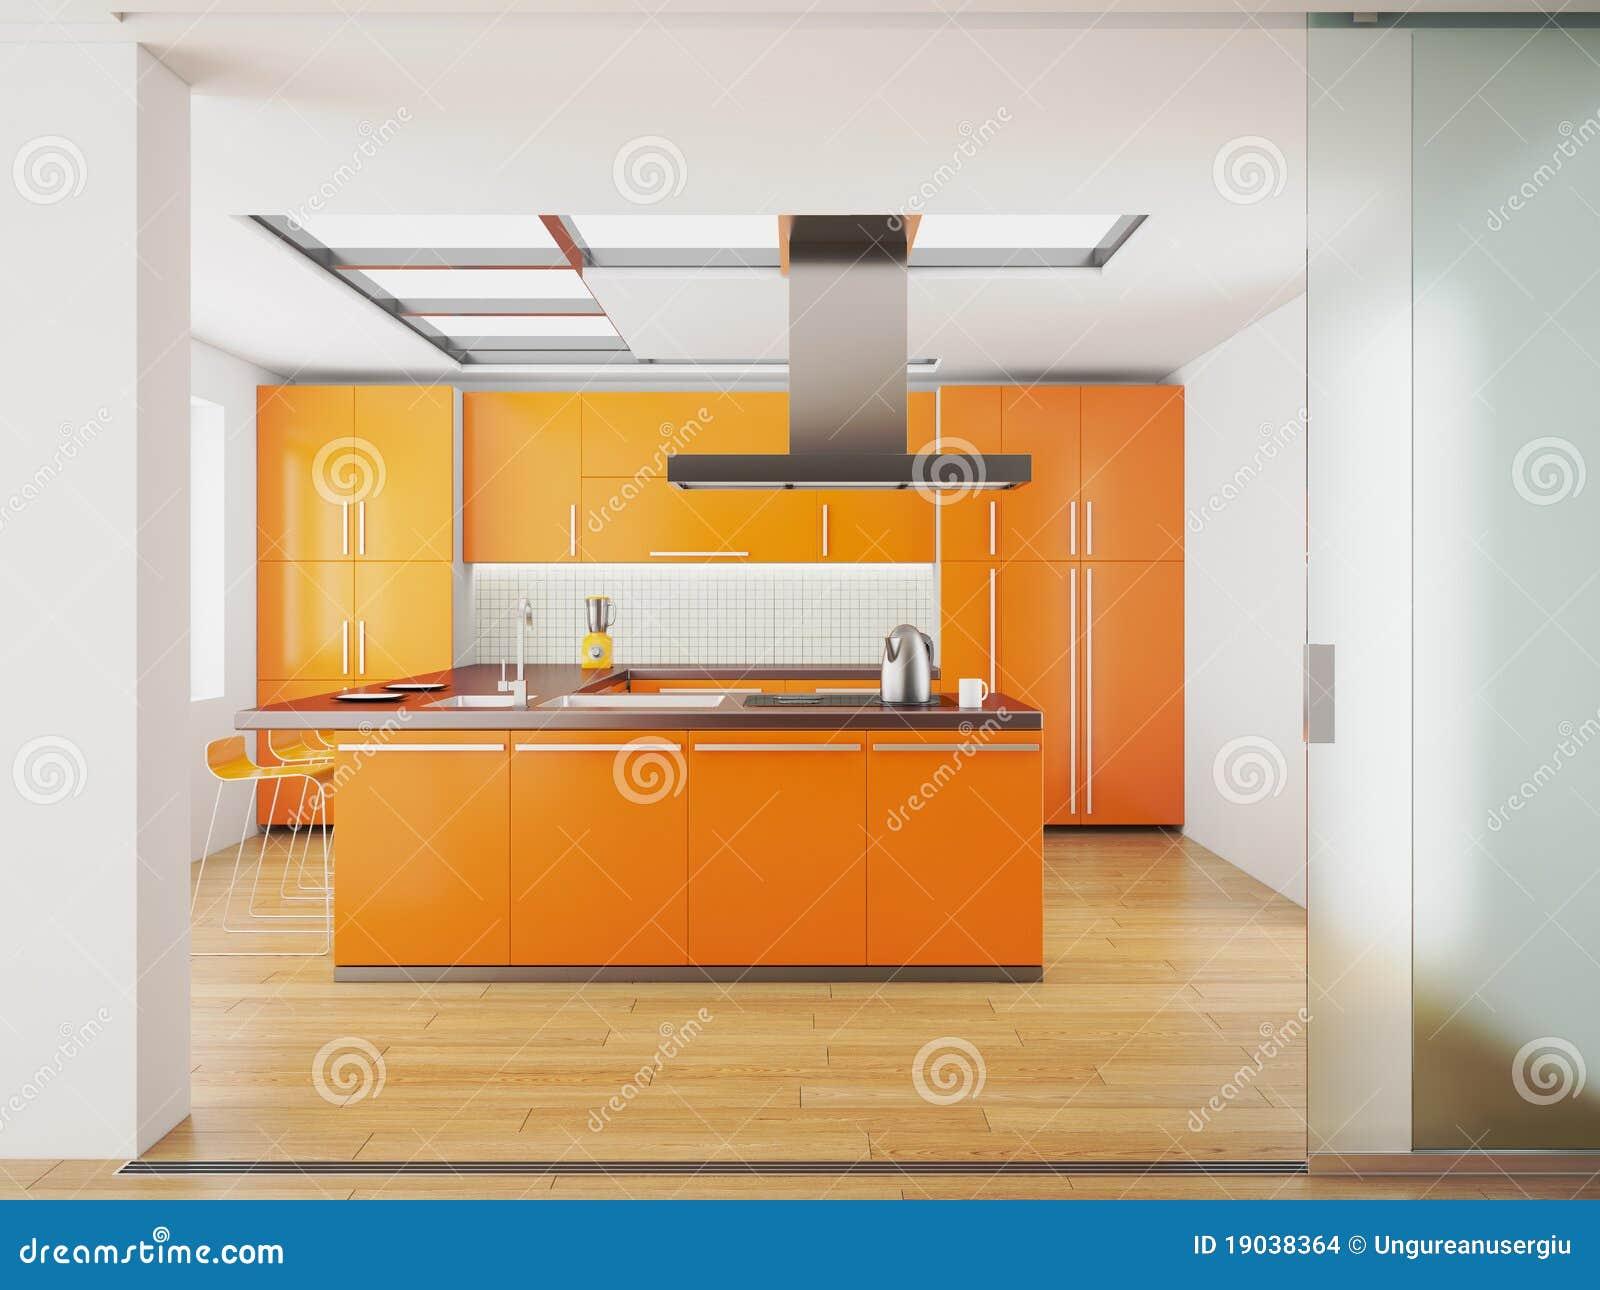 Interior De La Cocina Anaranjada Moderna Stock De Ilustraci N  # Keuken Muebles De Cocina